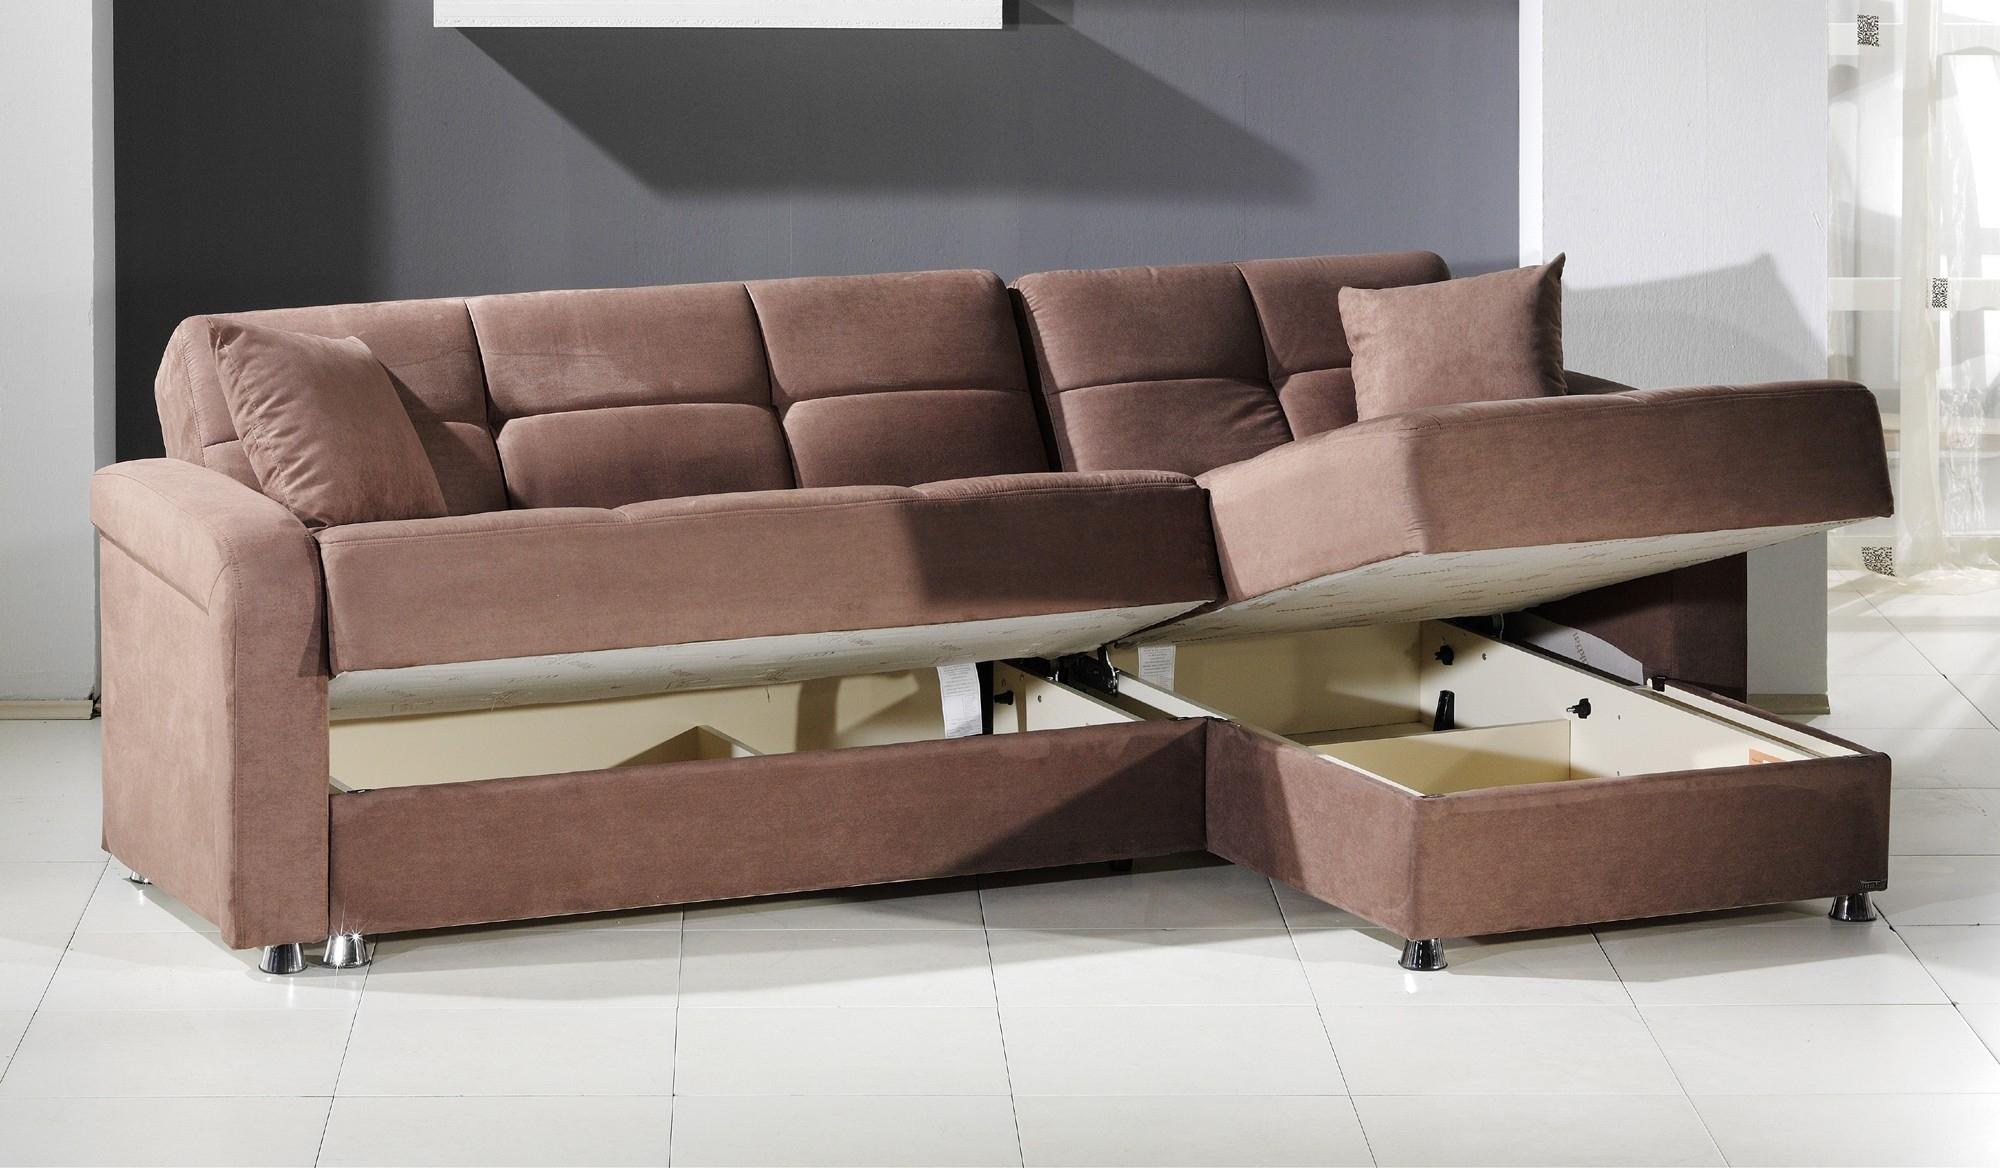 Light Brown Microfiber Sectional Sleeper Sofa With Storage And inside Sectional Sleeper Sofas With Ottoman (Image 10 of 15)